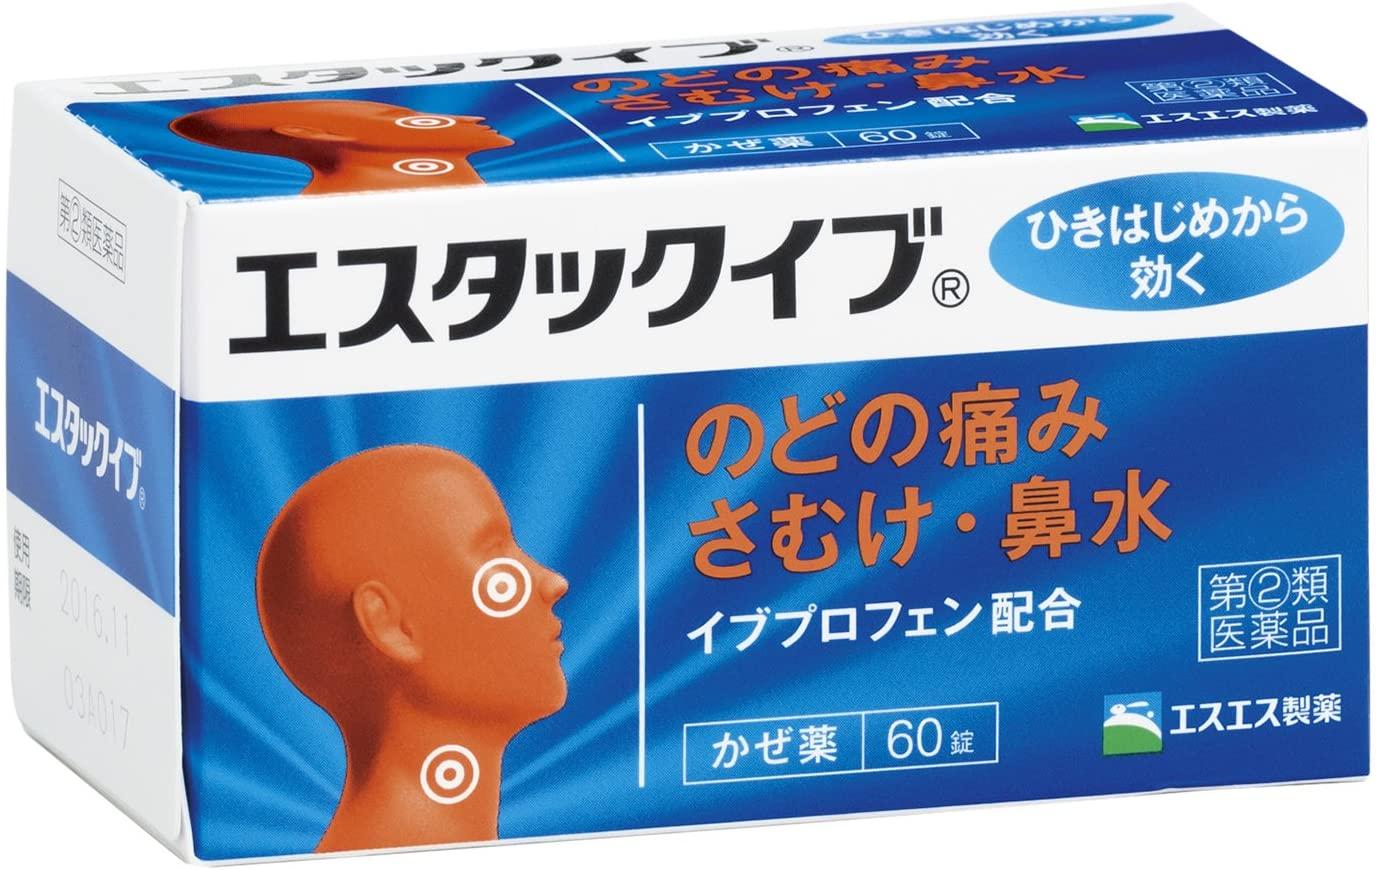 アマゾンで喉の痛みに効く風邪薬「エスタックイブ 60錠」が割引クーポンを配信中。